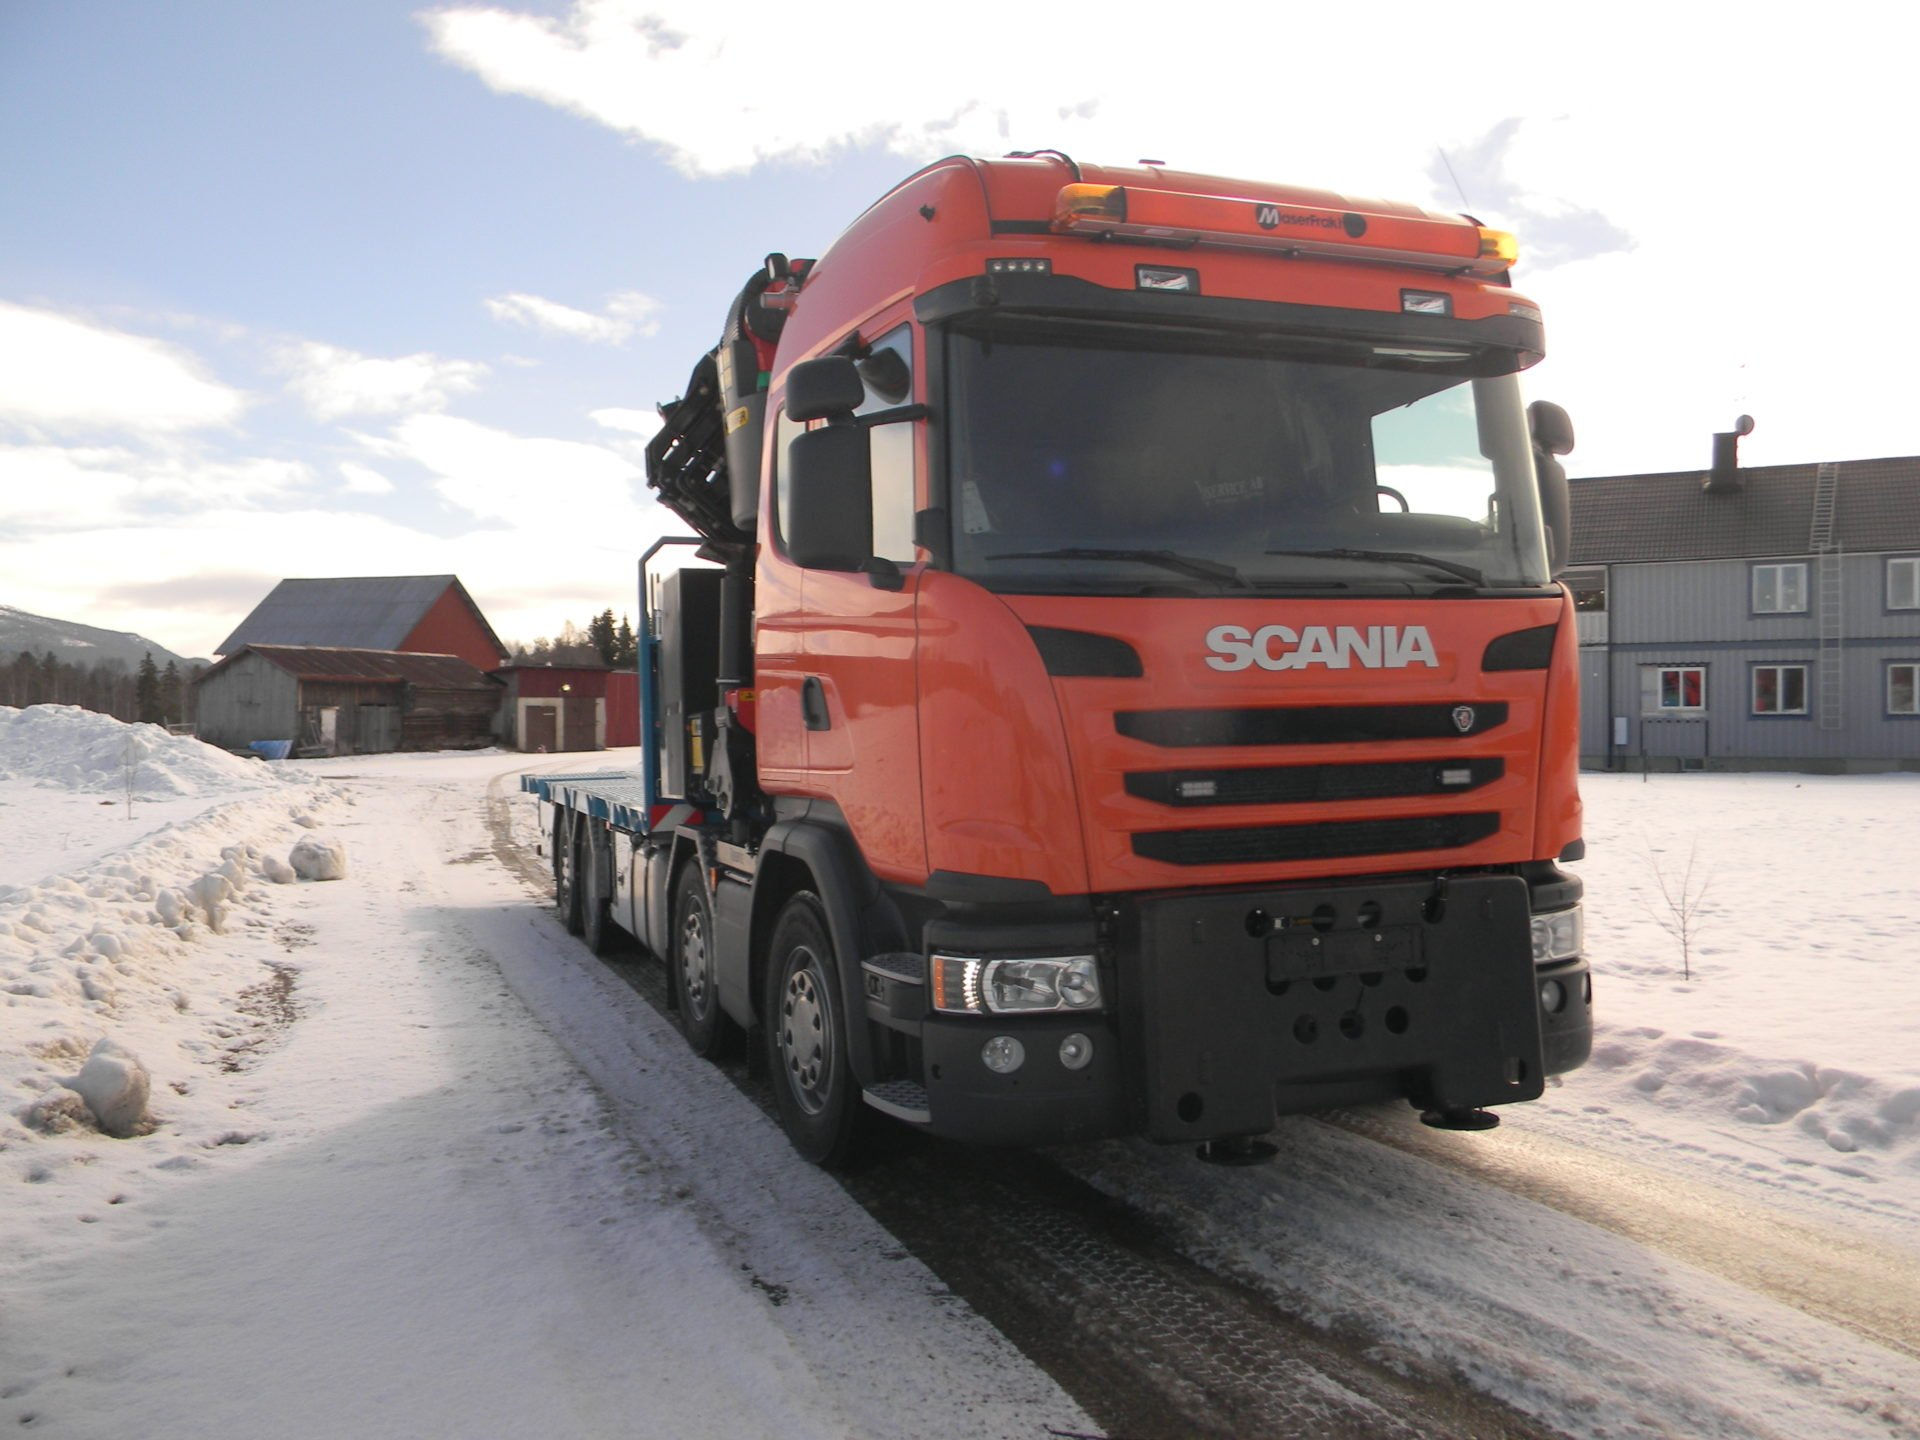 1604492 Br Wennström trp 2 (6)